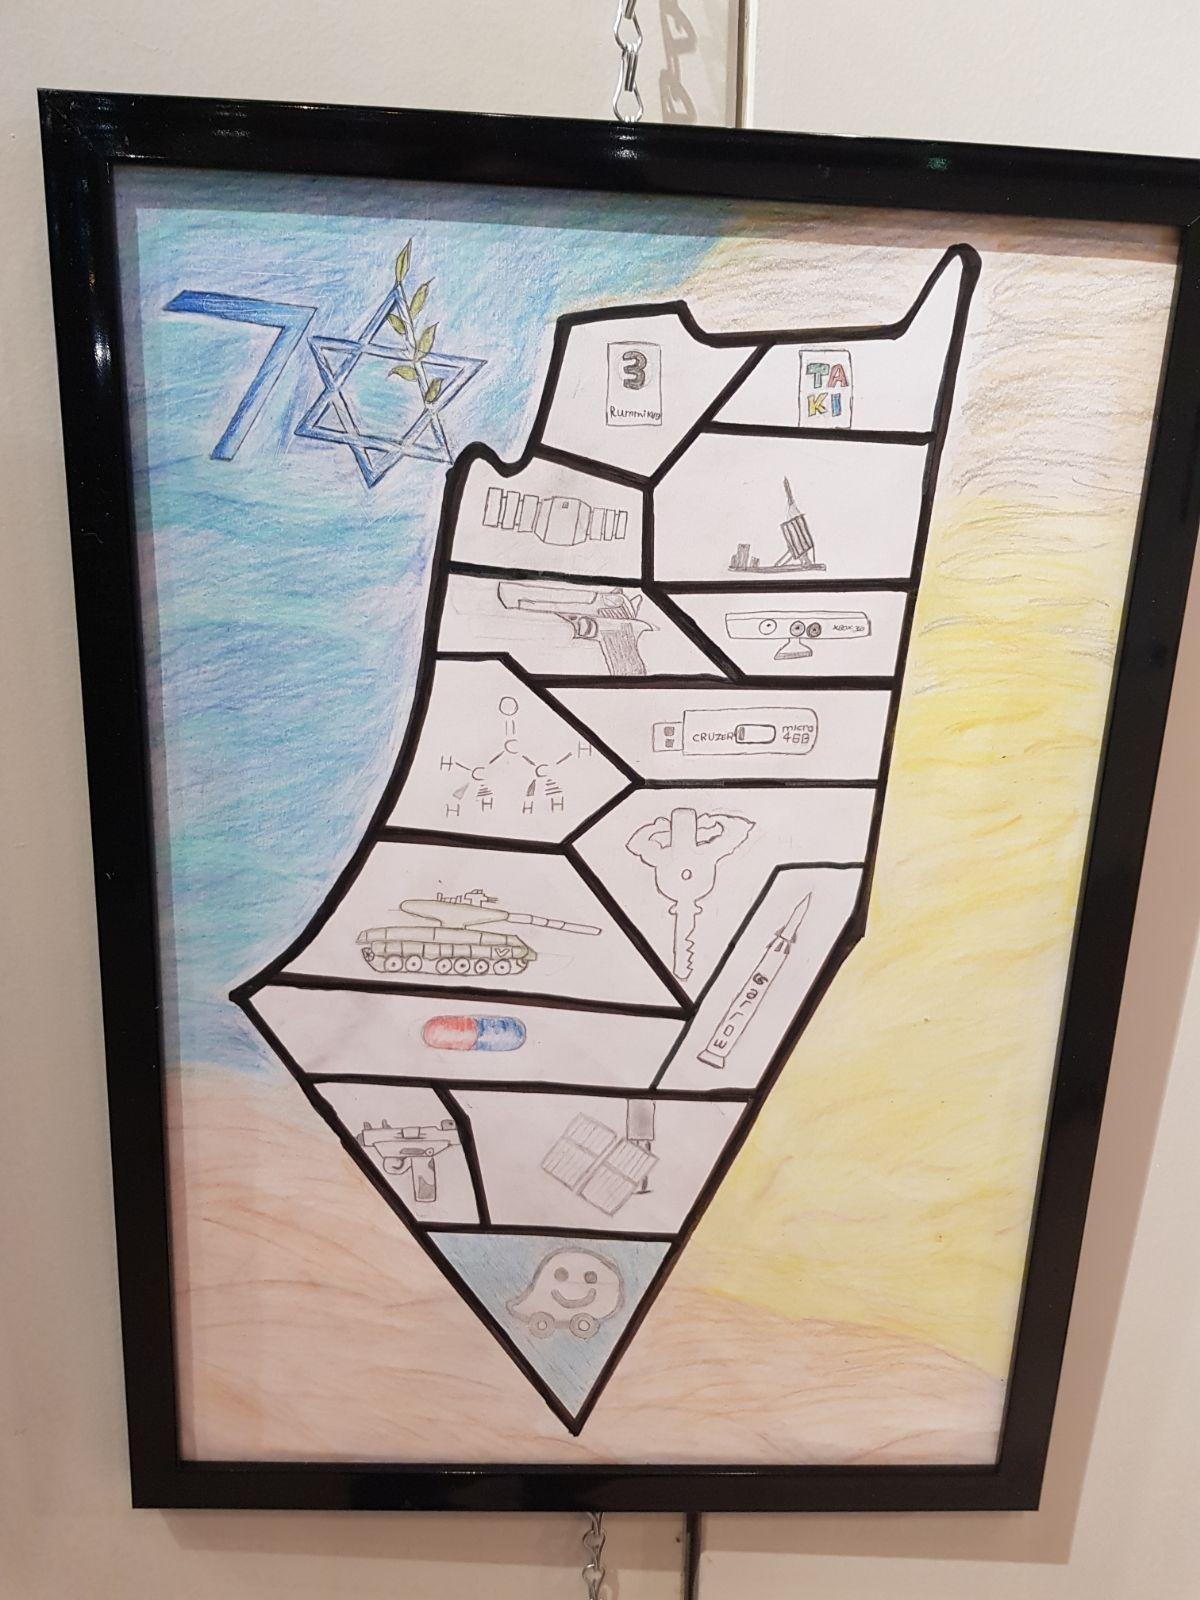 ציור בתערוכה של תלמידי עירוני ג'